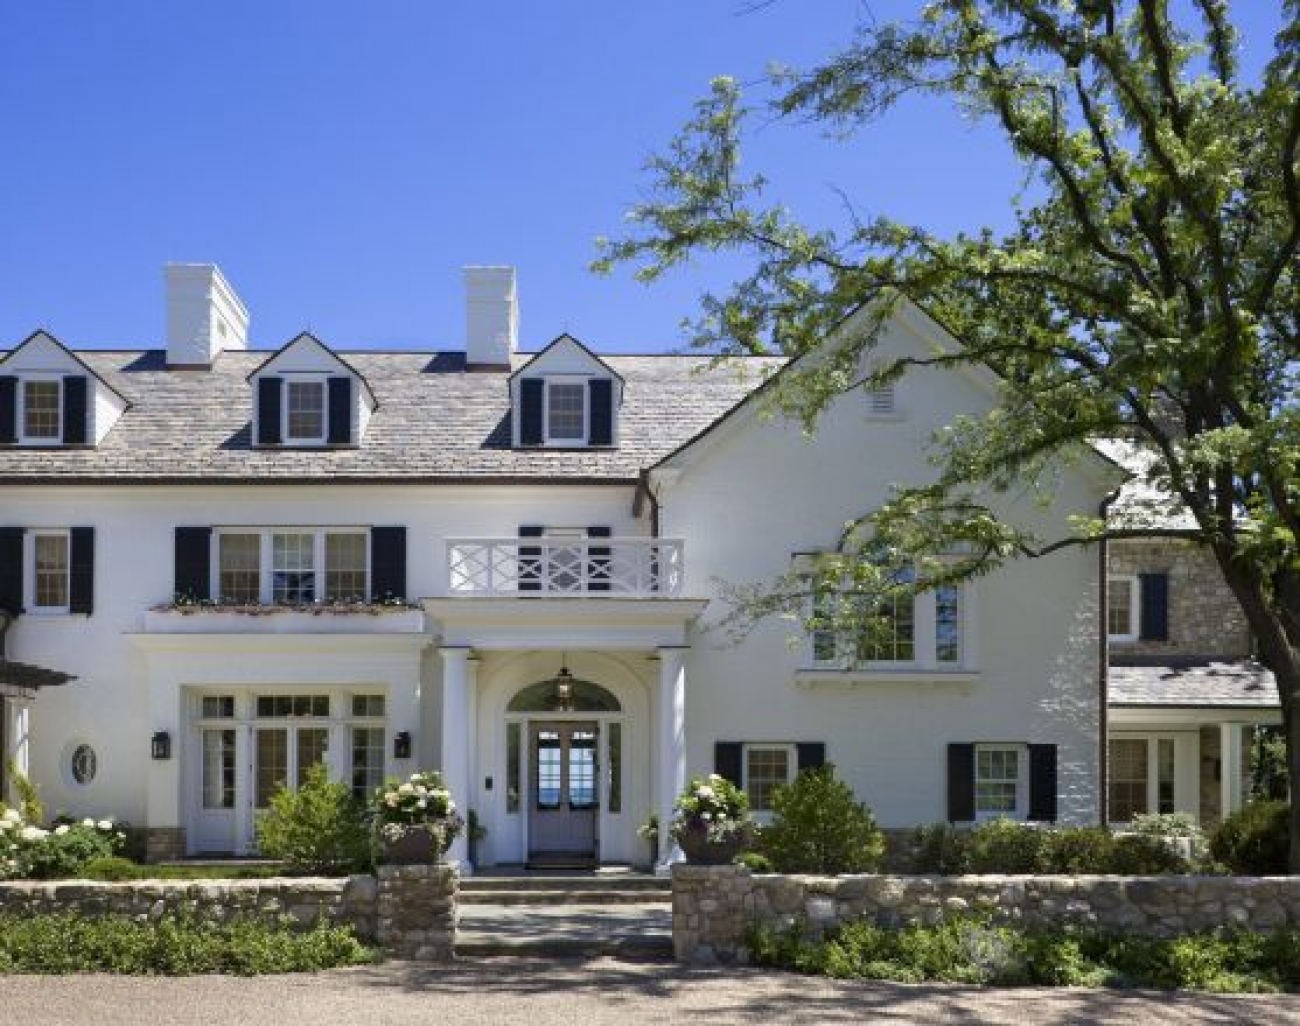 Casa en el Lago Michigan Robert Stern 1300x1026 c